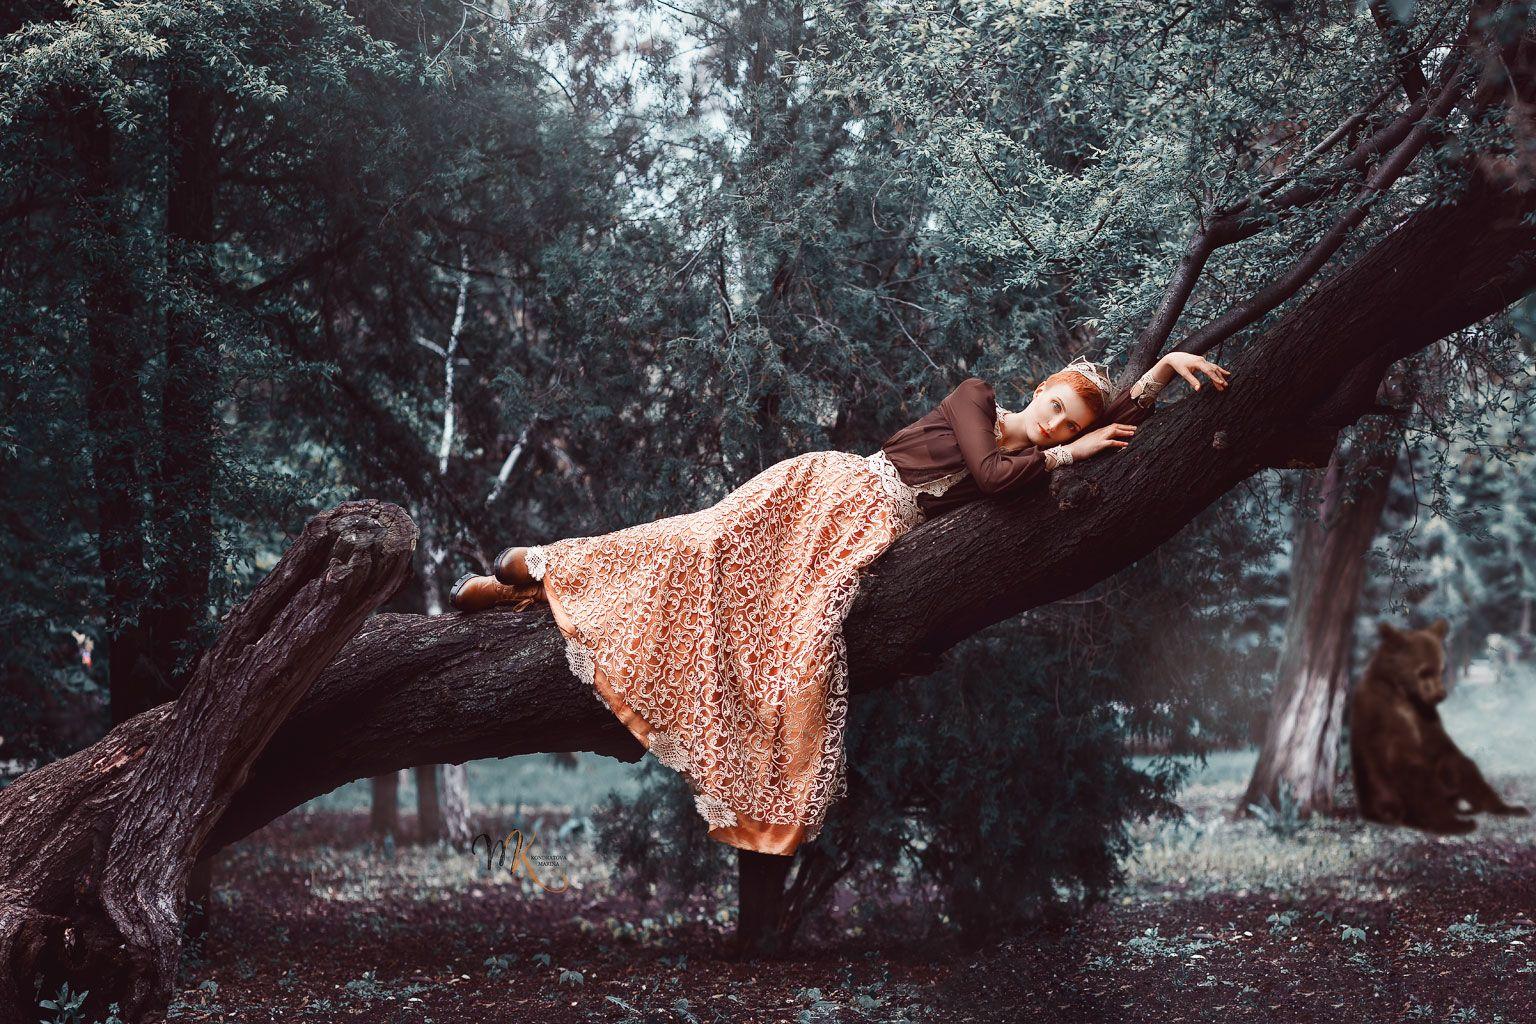 арт, лес, сад, девушка, рыжая, медвежонок, сказка, художественный, Марина Кондратова